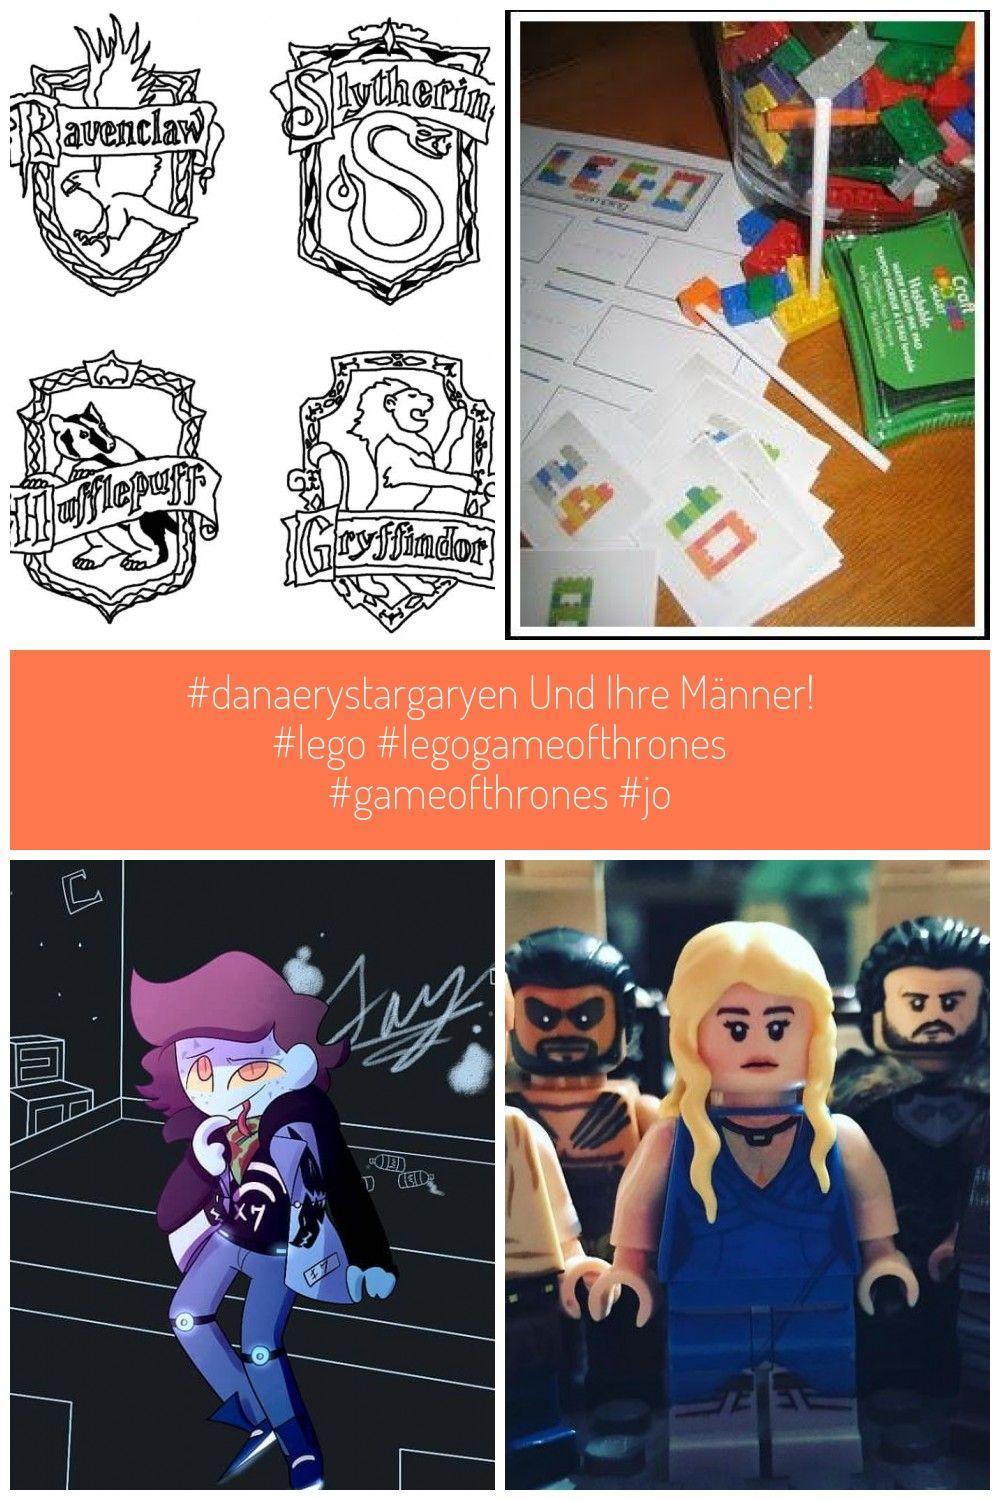 Konabeun Com Zum Ausdrucken Ausmalbilder Harry Potter K18196 Bilder Drucken Ausmalen Lego Drawing Ausmalbilder Ausmalen Ausdrucken